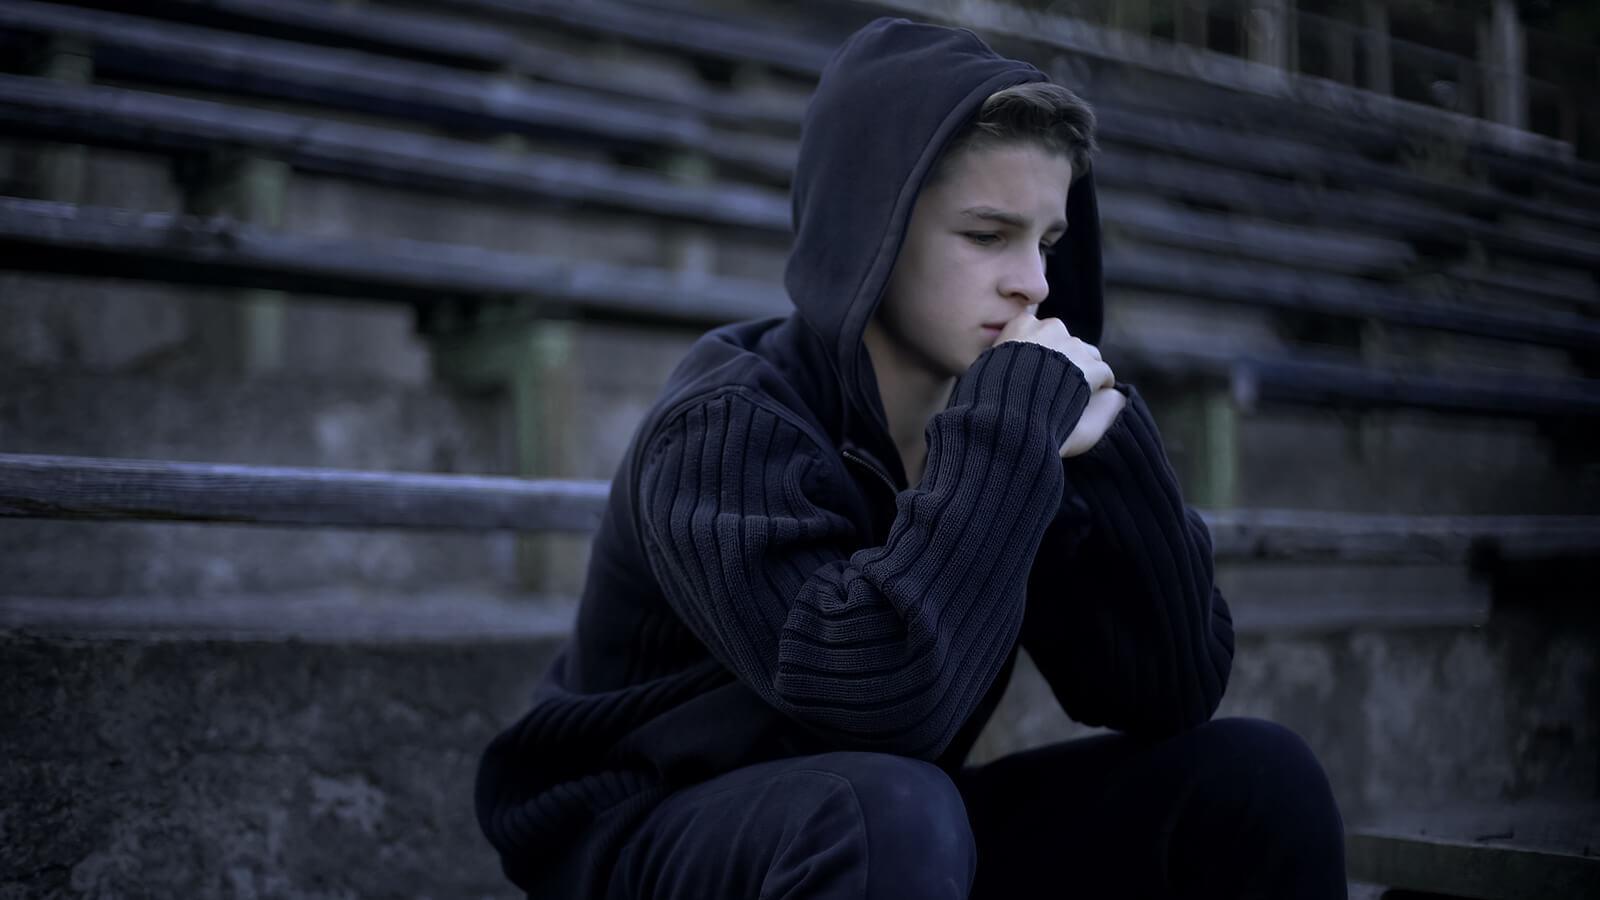 Chico adolescente prensando mucho sobre el miedo al fracaso.